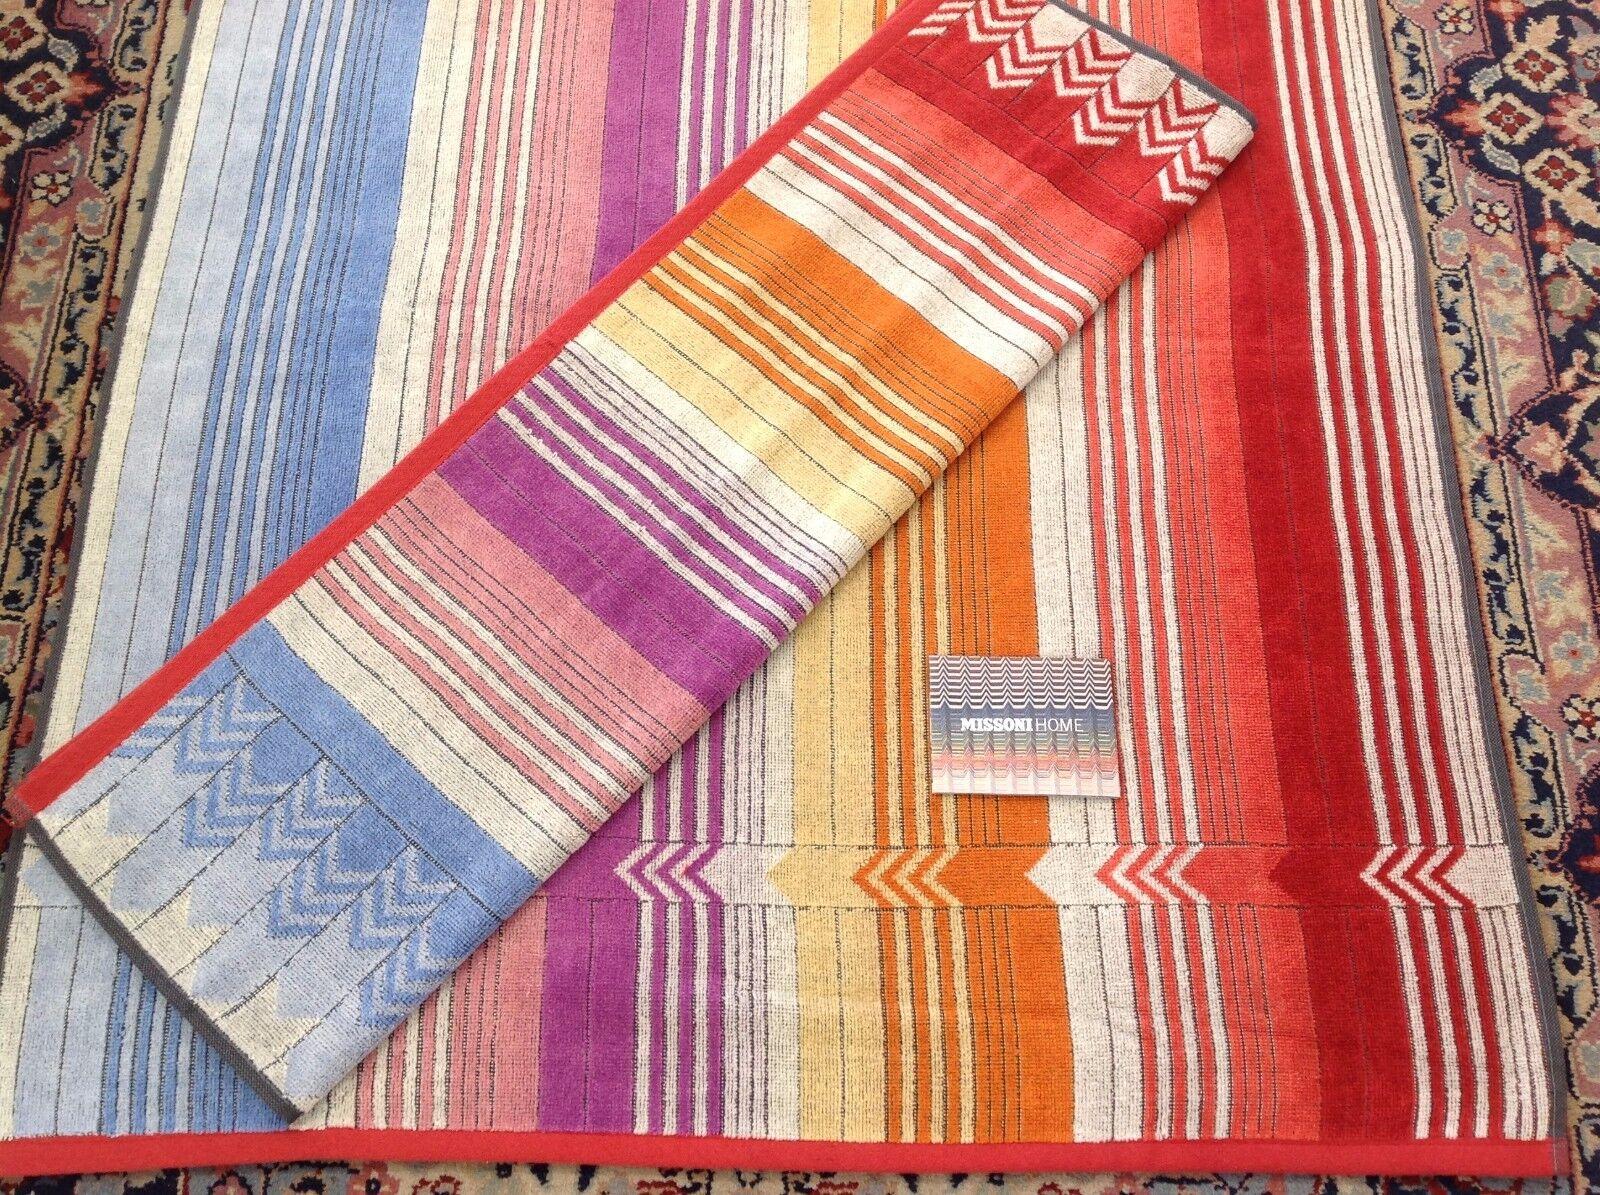 Asciugamani asciugamani asciugamani bagno missoni sunday two